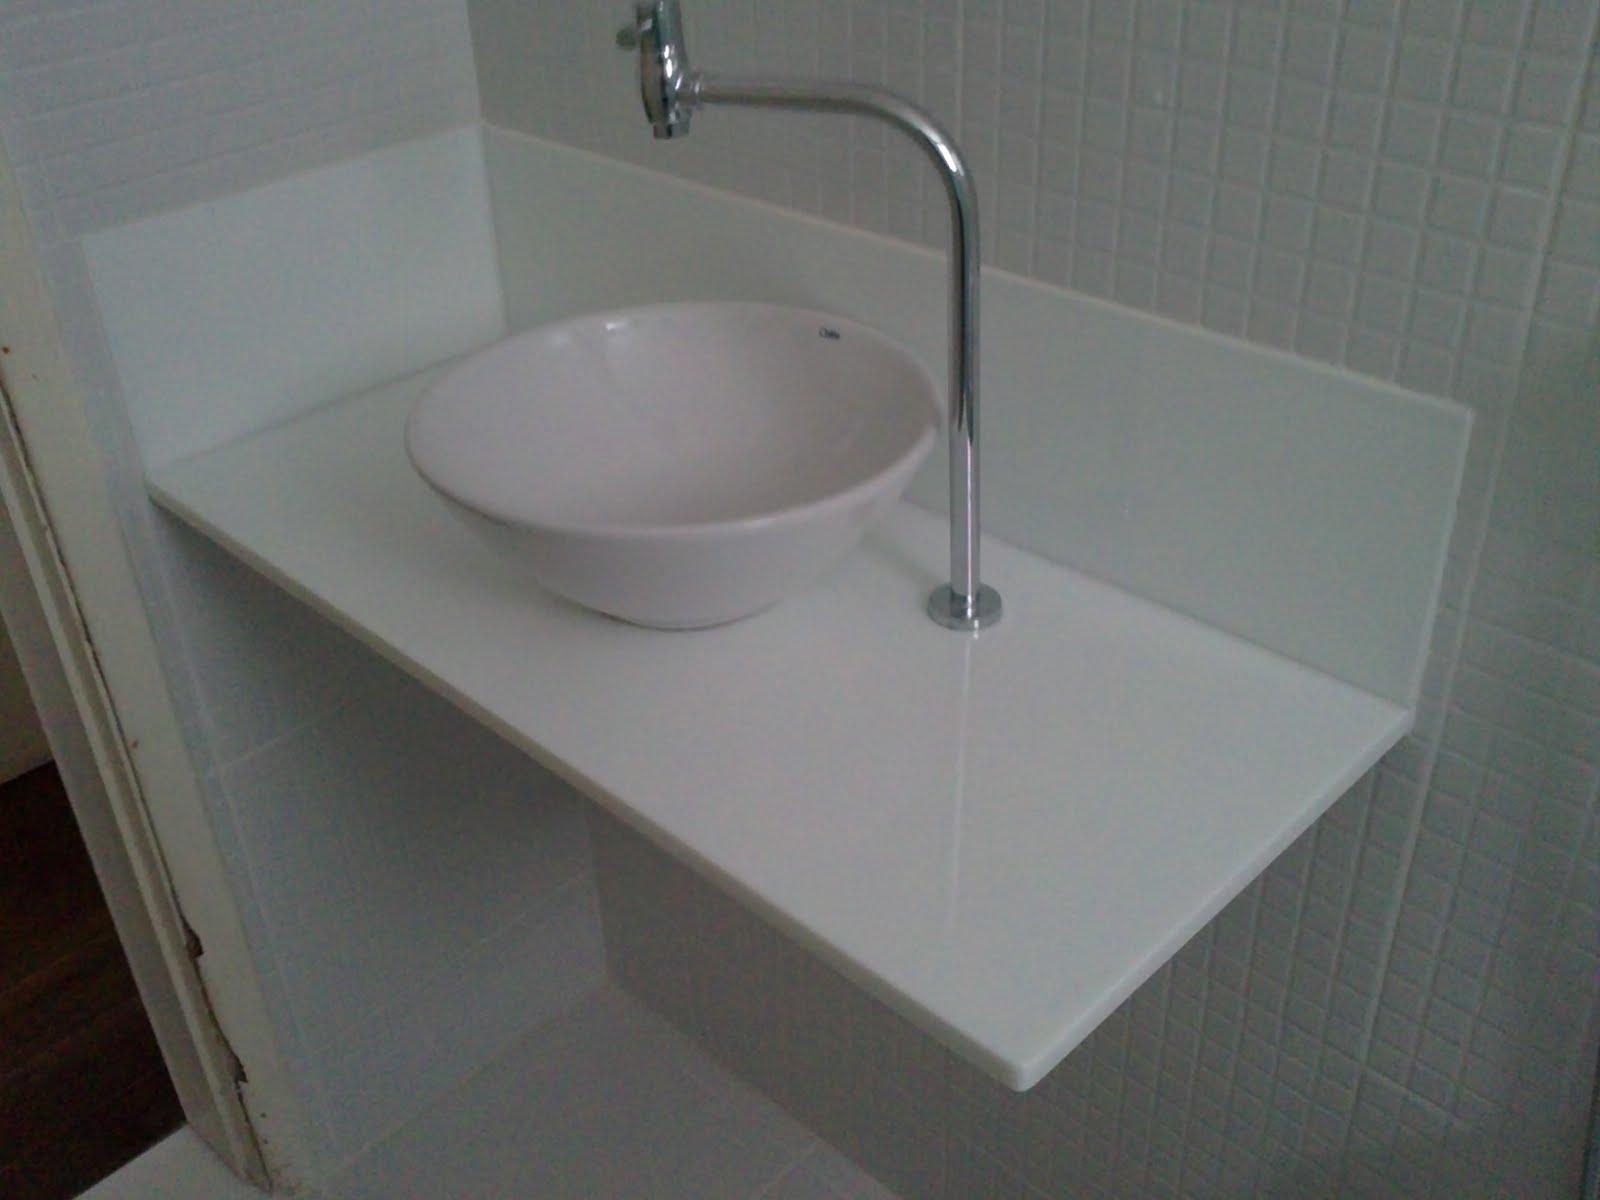 Ângulo Mármores e Granitos: Bancadas de Banheiro Nanoglass #5C626F 1600x1200 Banheiro Bancada Bege Bahia